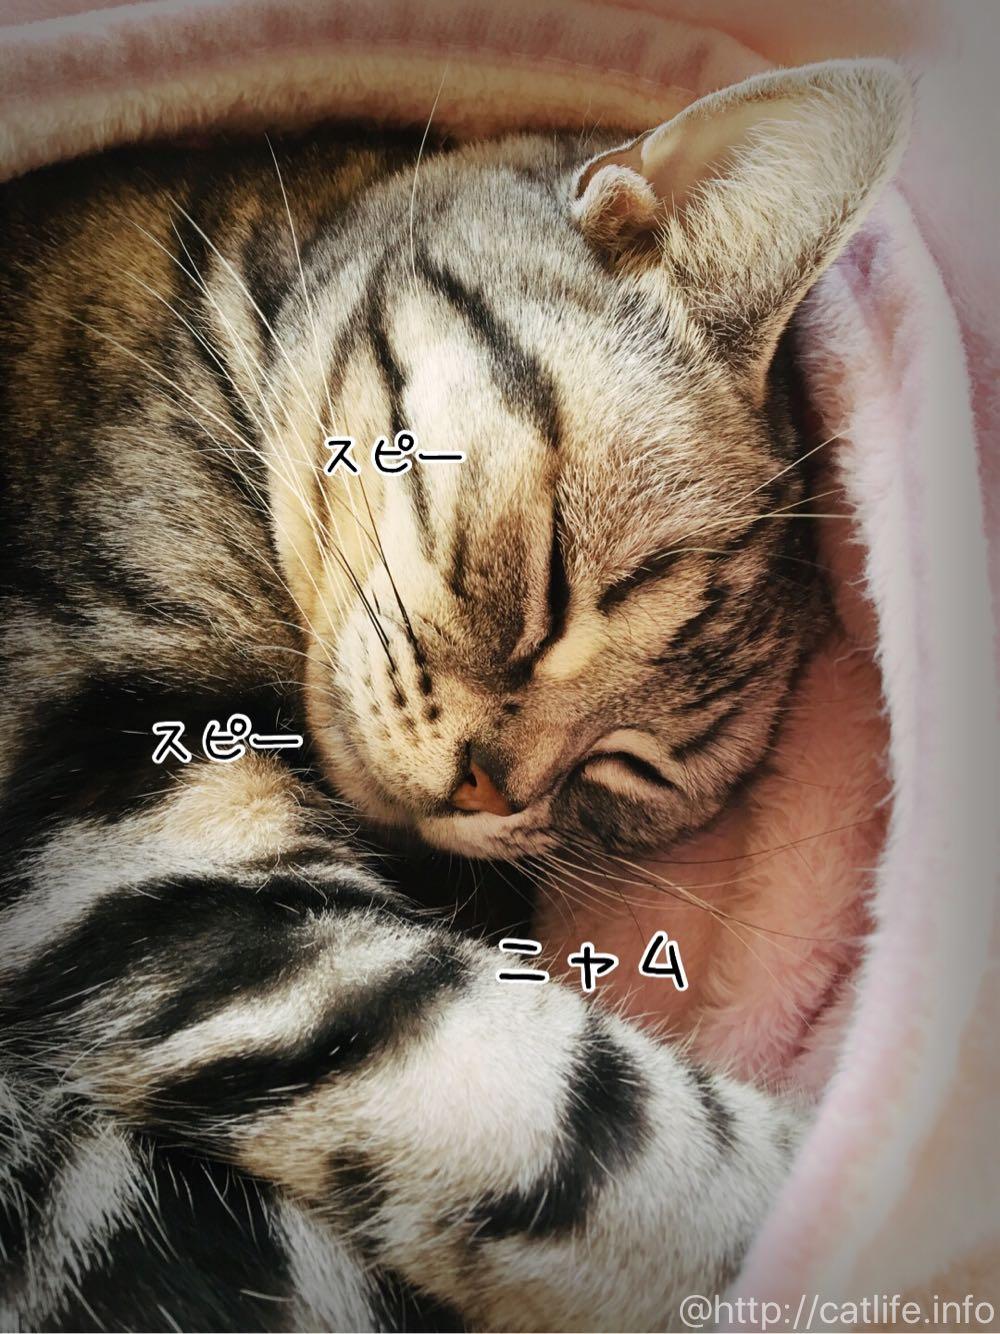 スピースピーと寝息をたてるアメショーさくらたん。